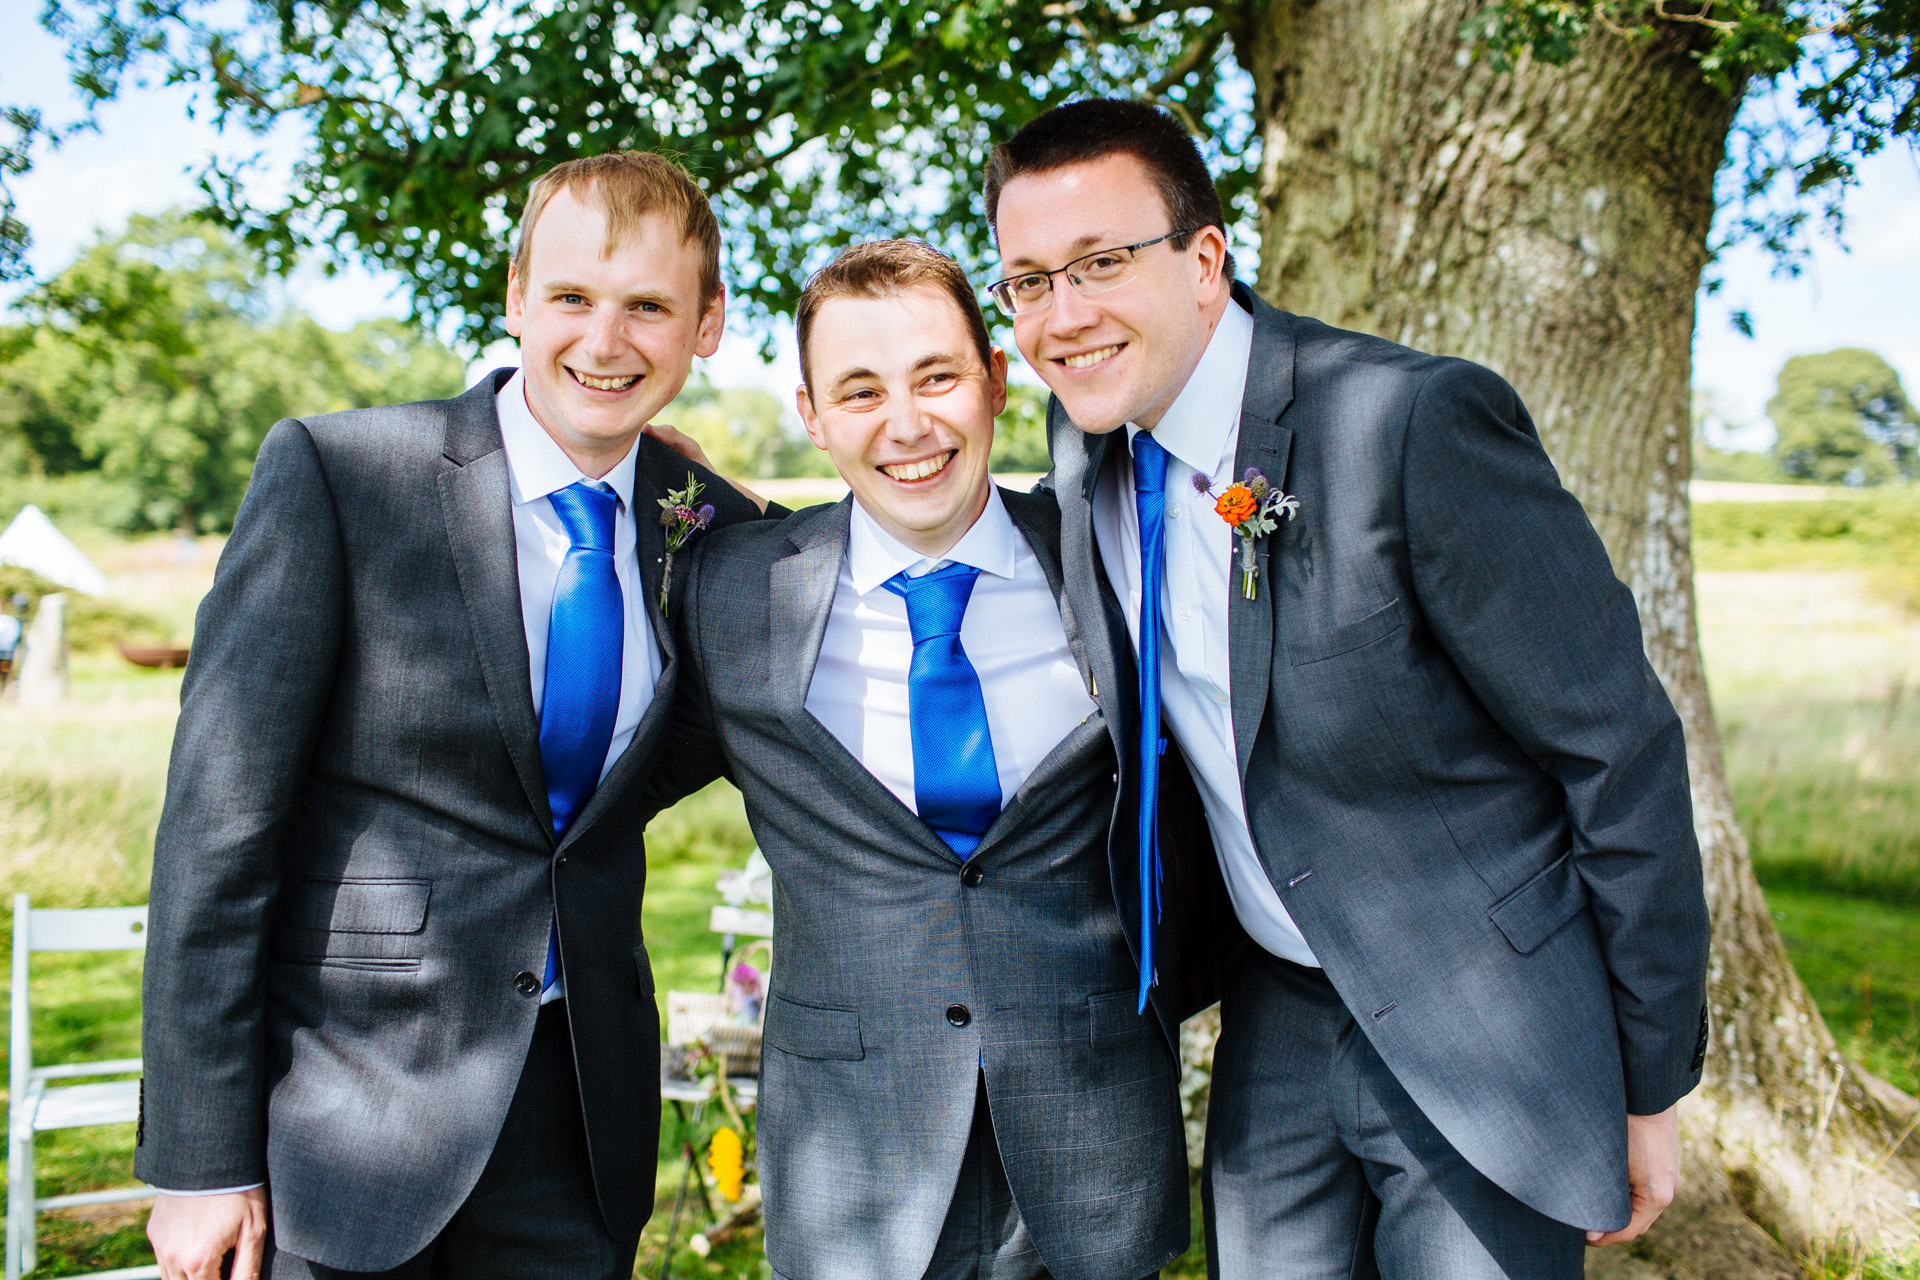 groom and groomsmen smiling